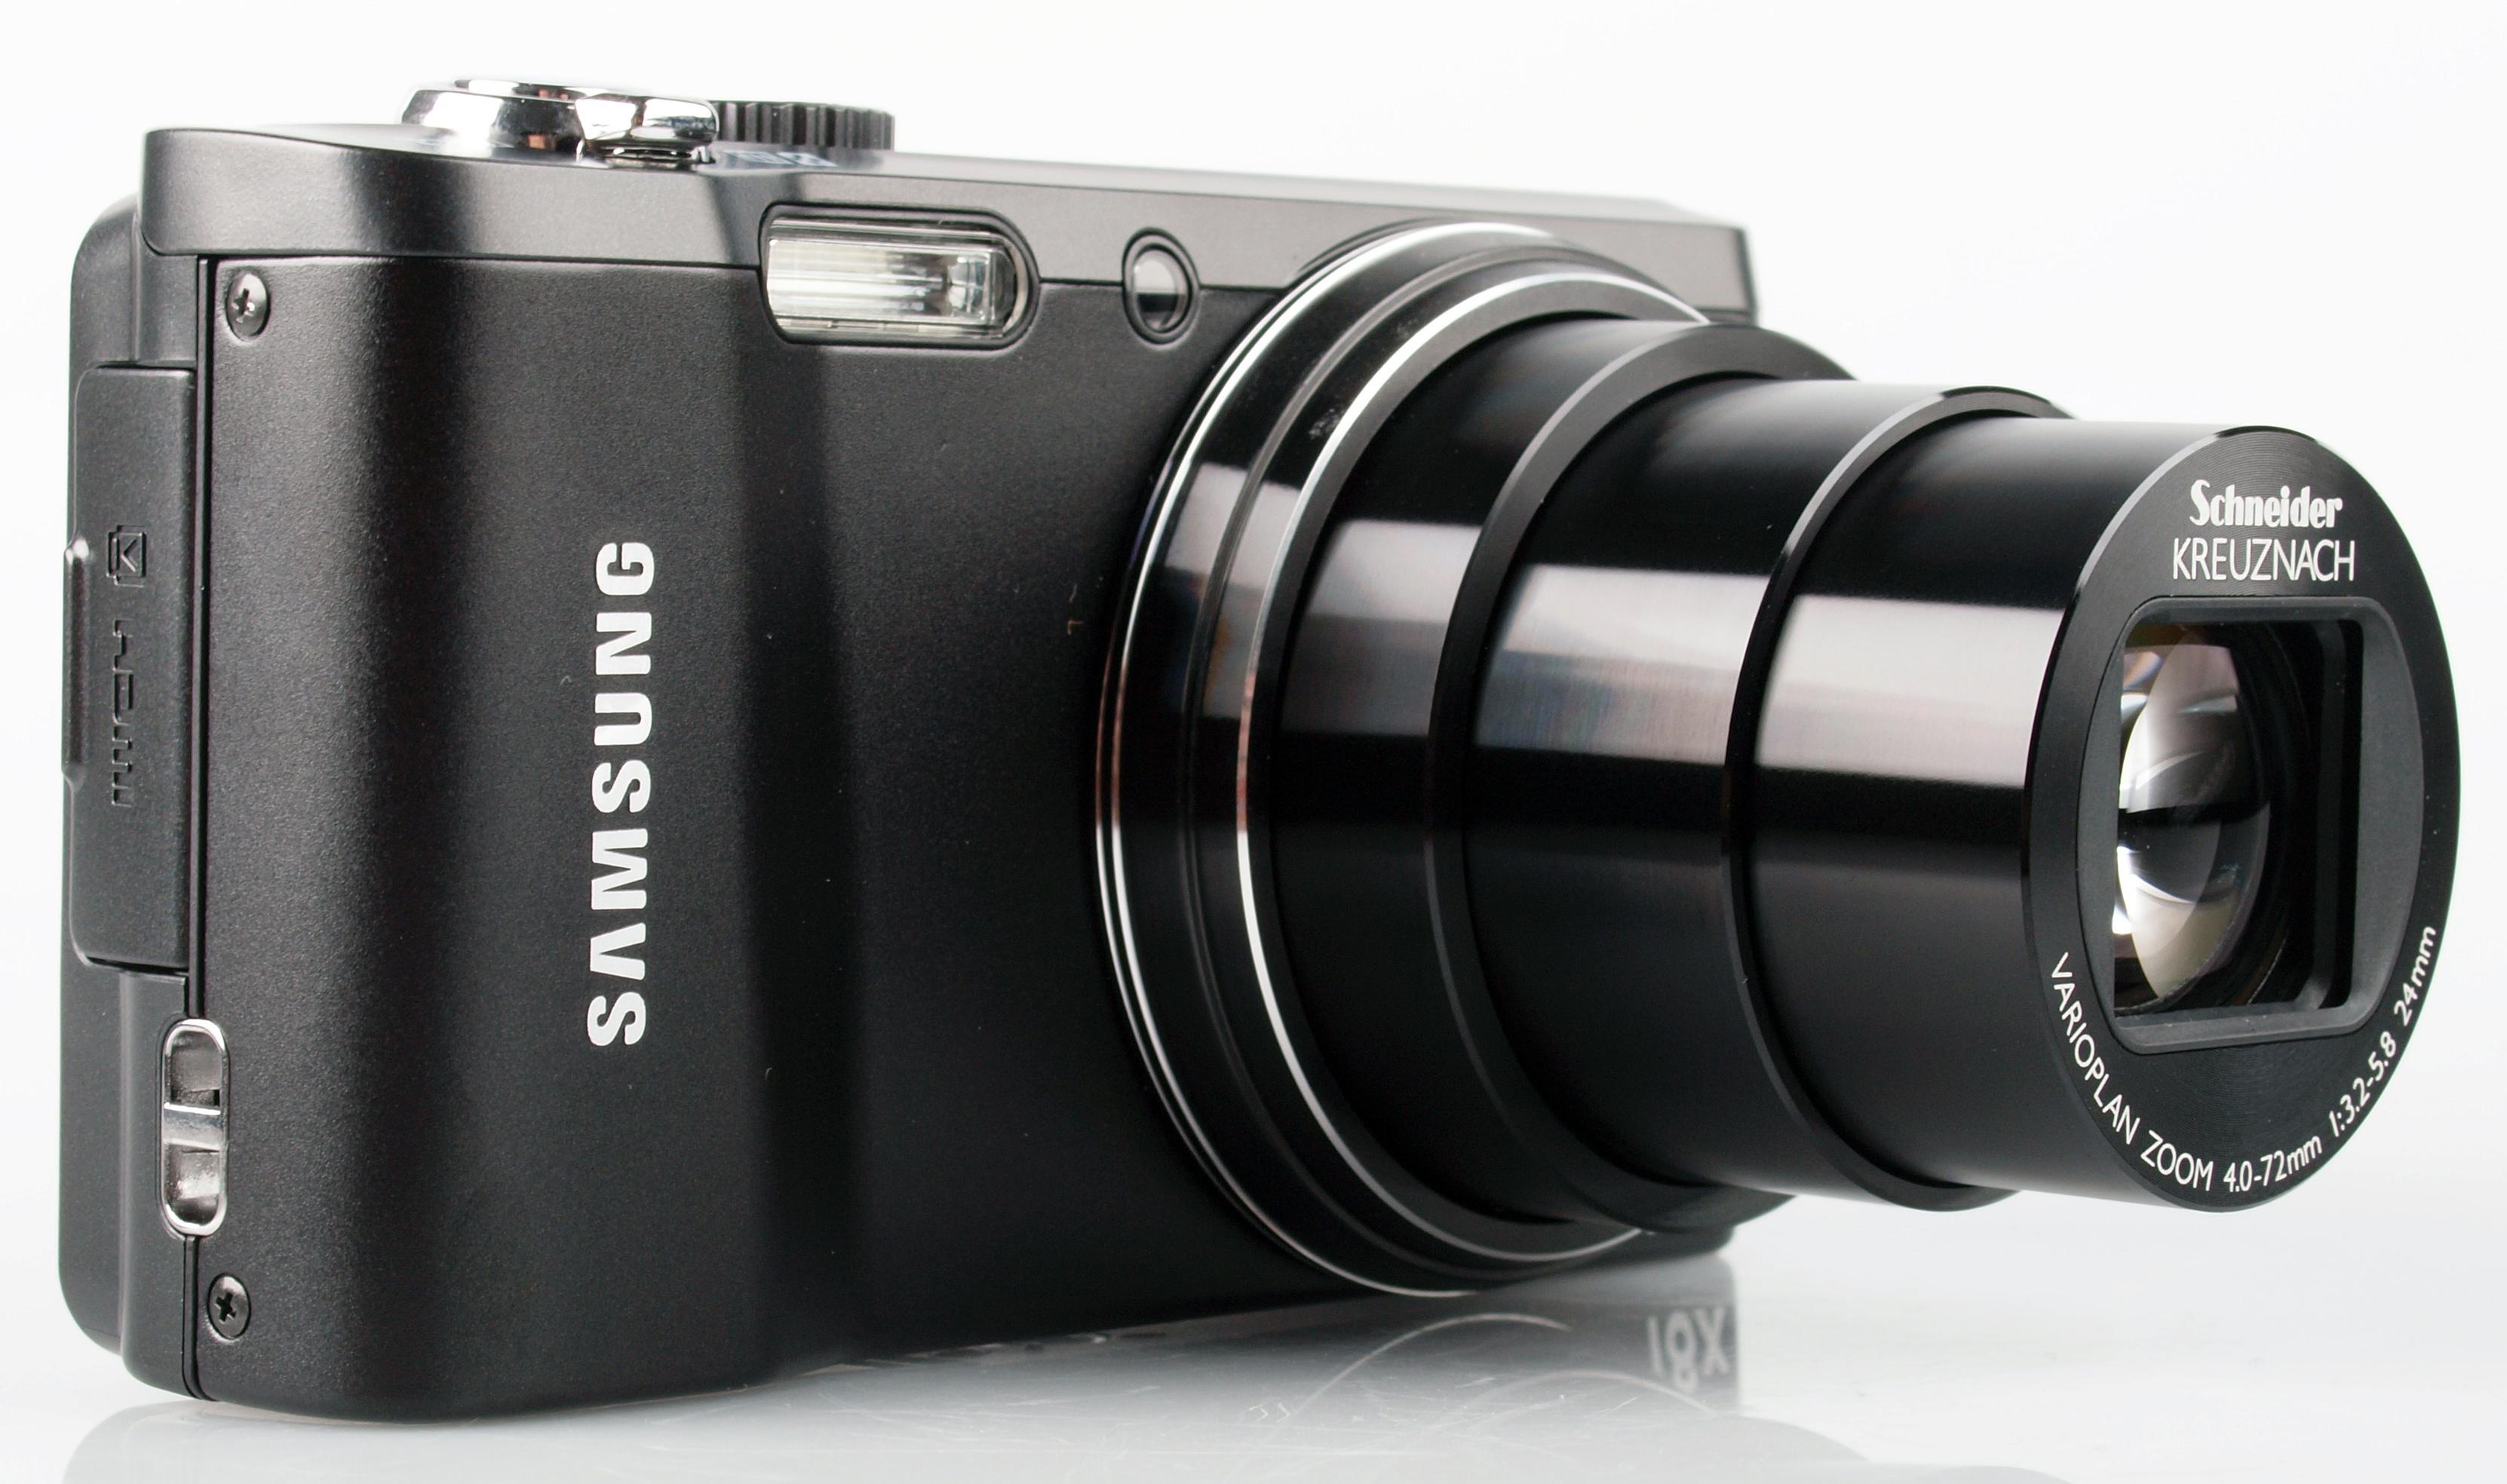 Samsung WB700 Digital Camera Review